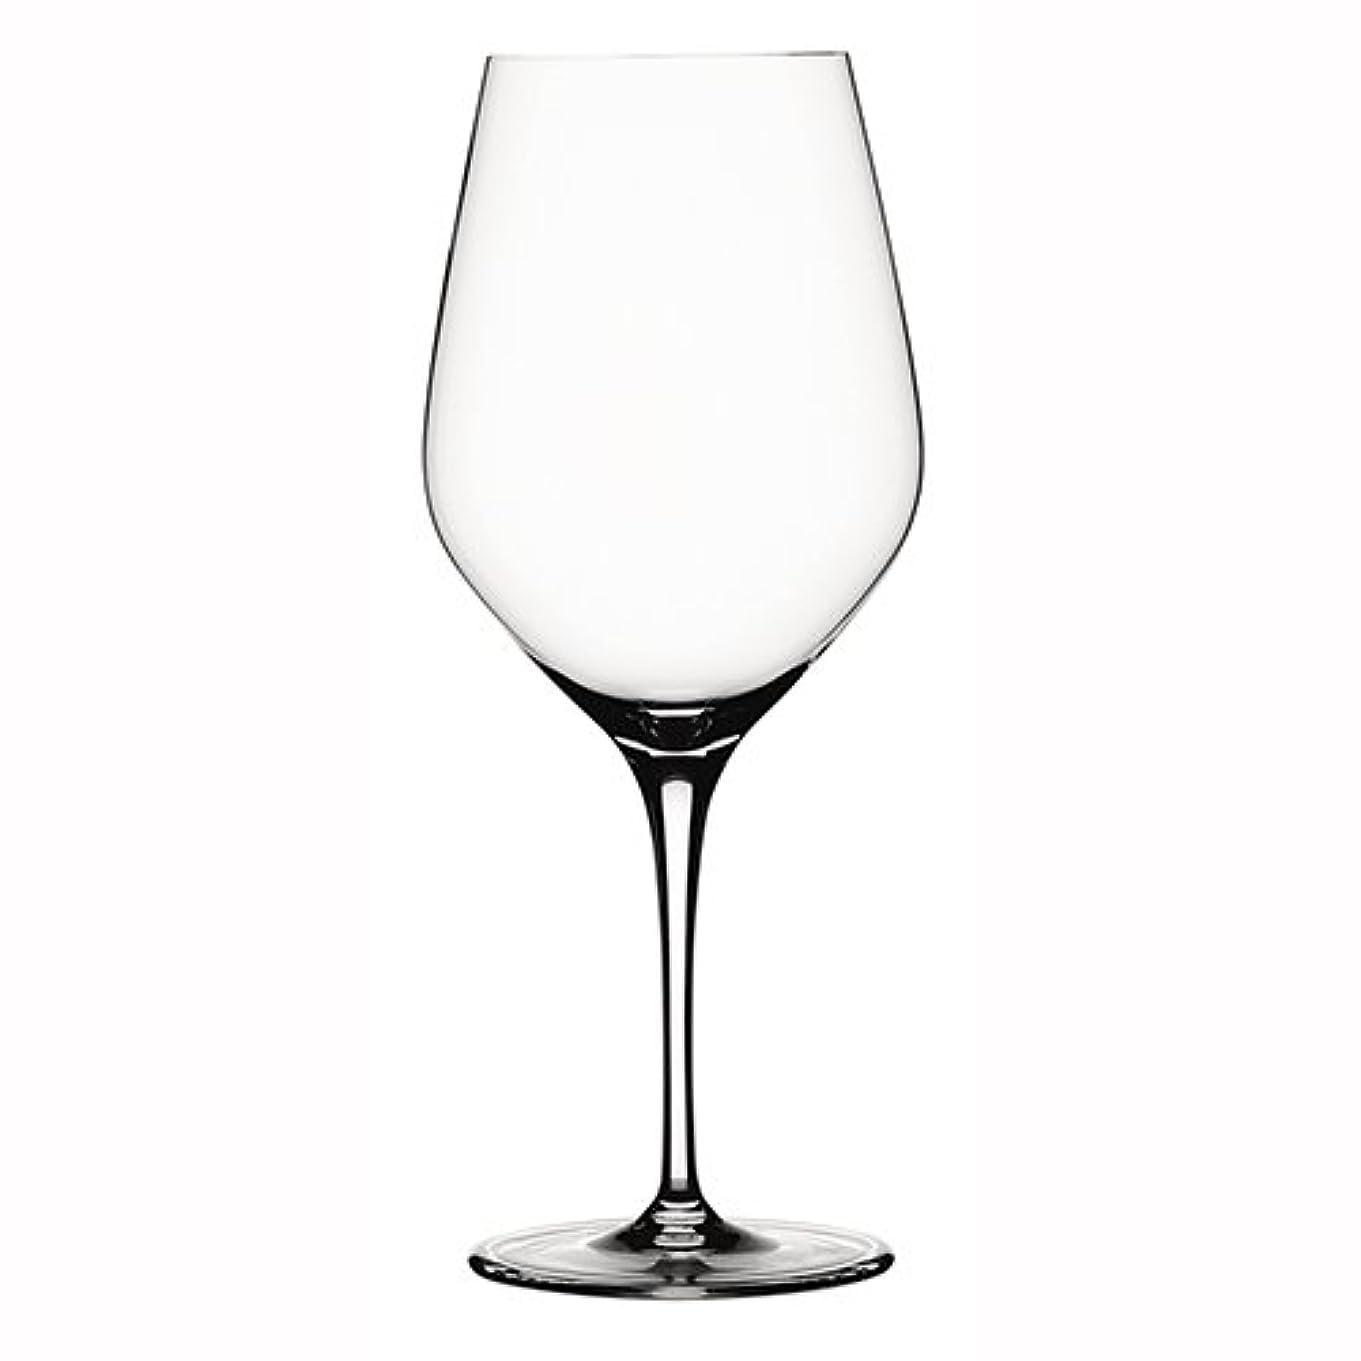 未来ブルゴーニュ蓋シュピゲラウ(Spiegelau) オーセンティス ボルドー 赤ワイングラス 650ml 4400177 4個入